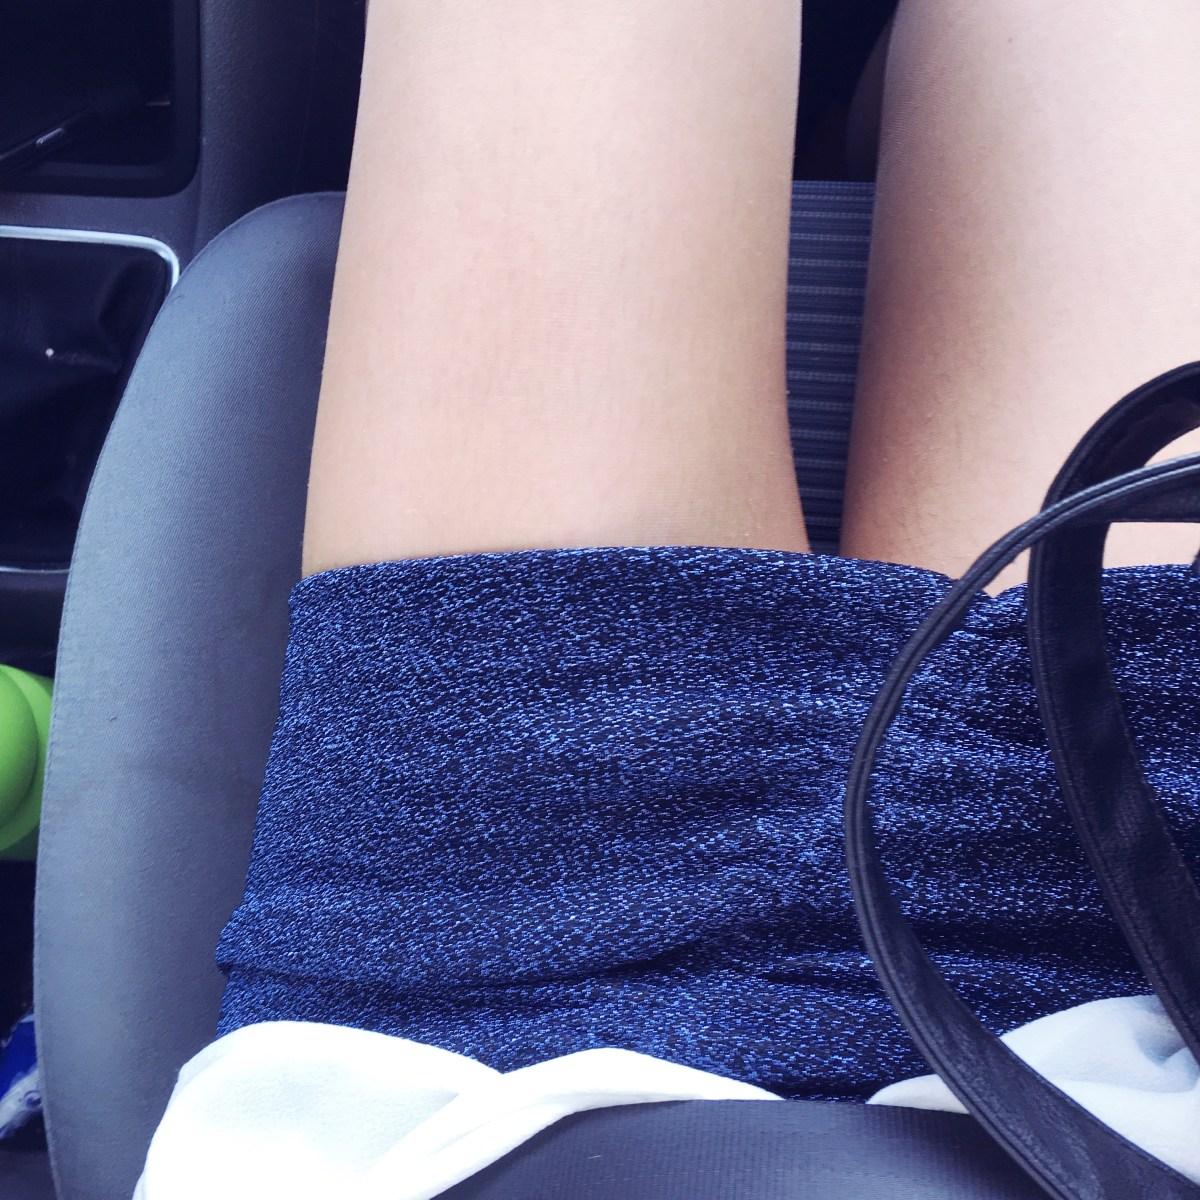 Le cas de la mini-jupe à 35 ans.